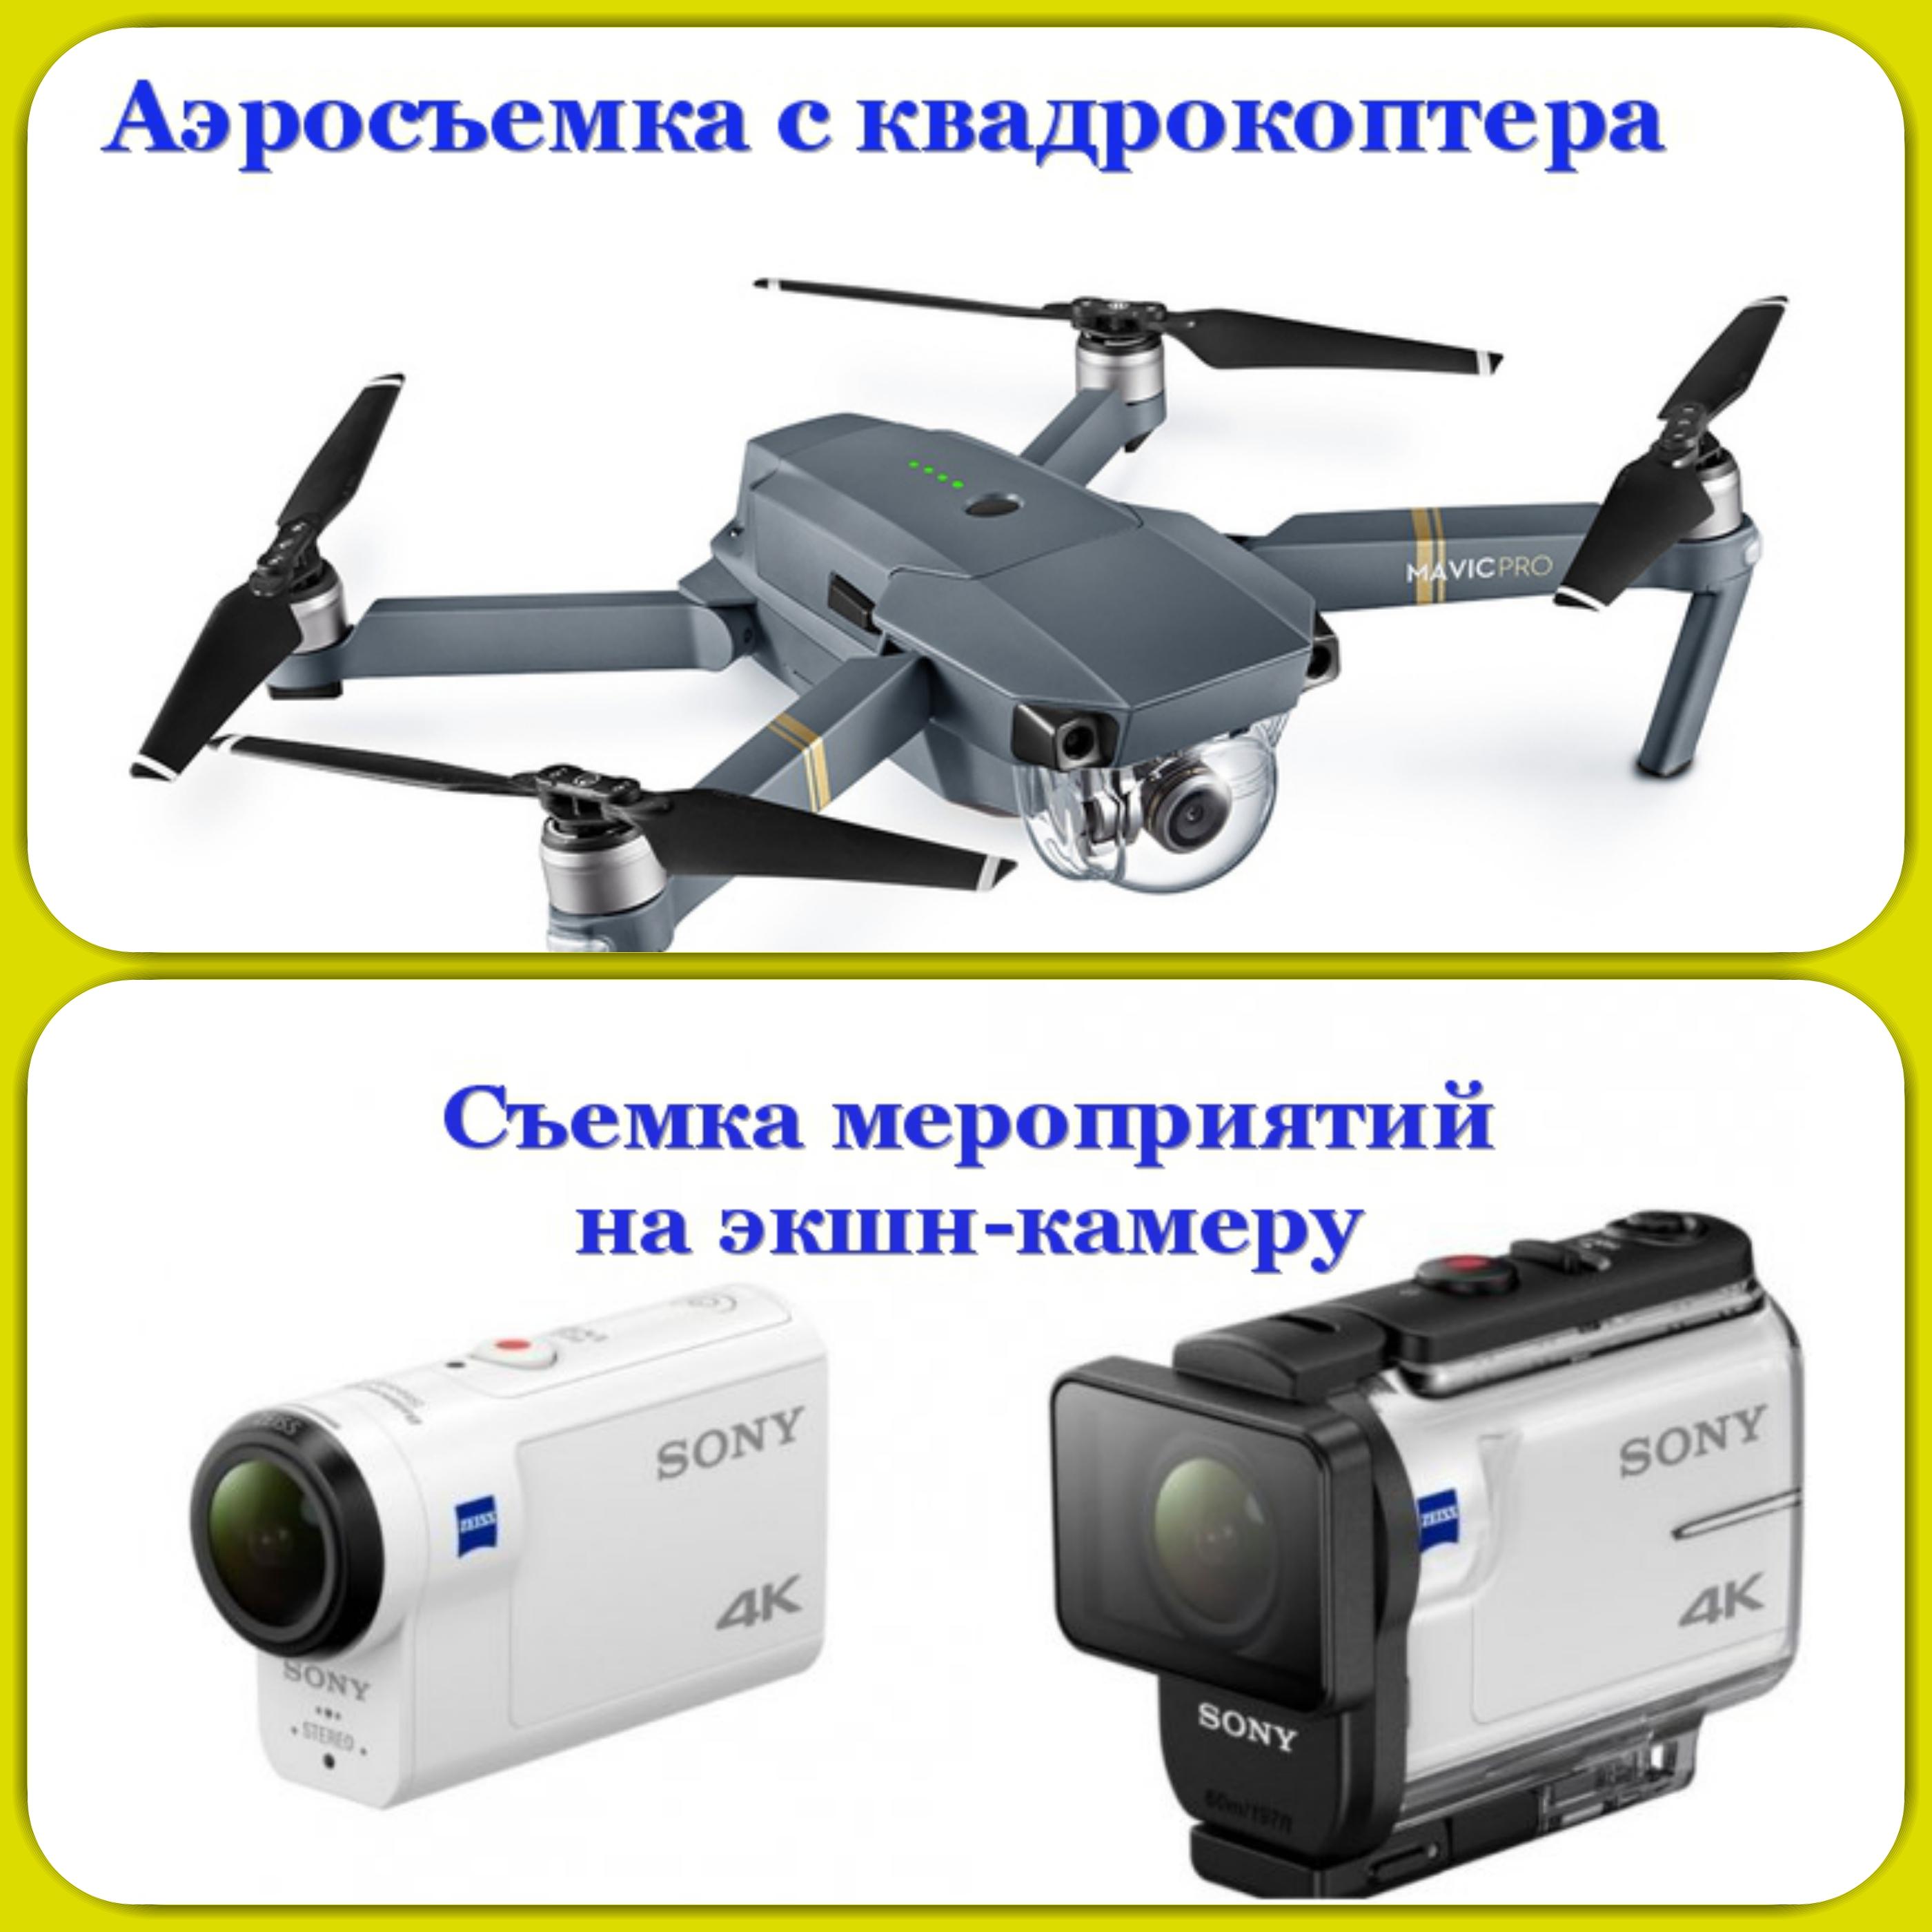 Фото Аэросъемка с квадрокоптера + съемка мероприятий на экшн-камеру 1